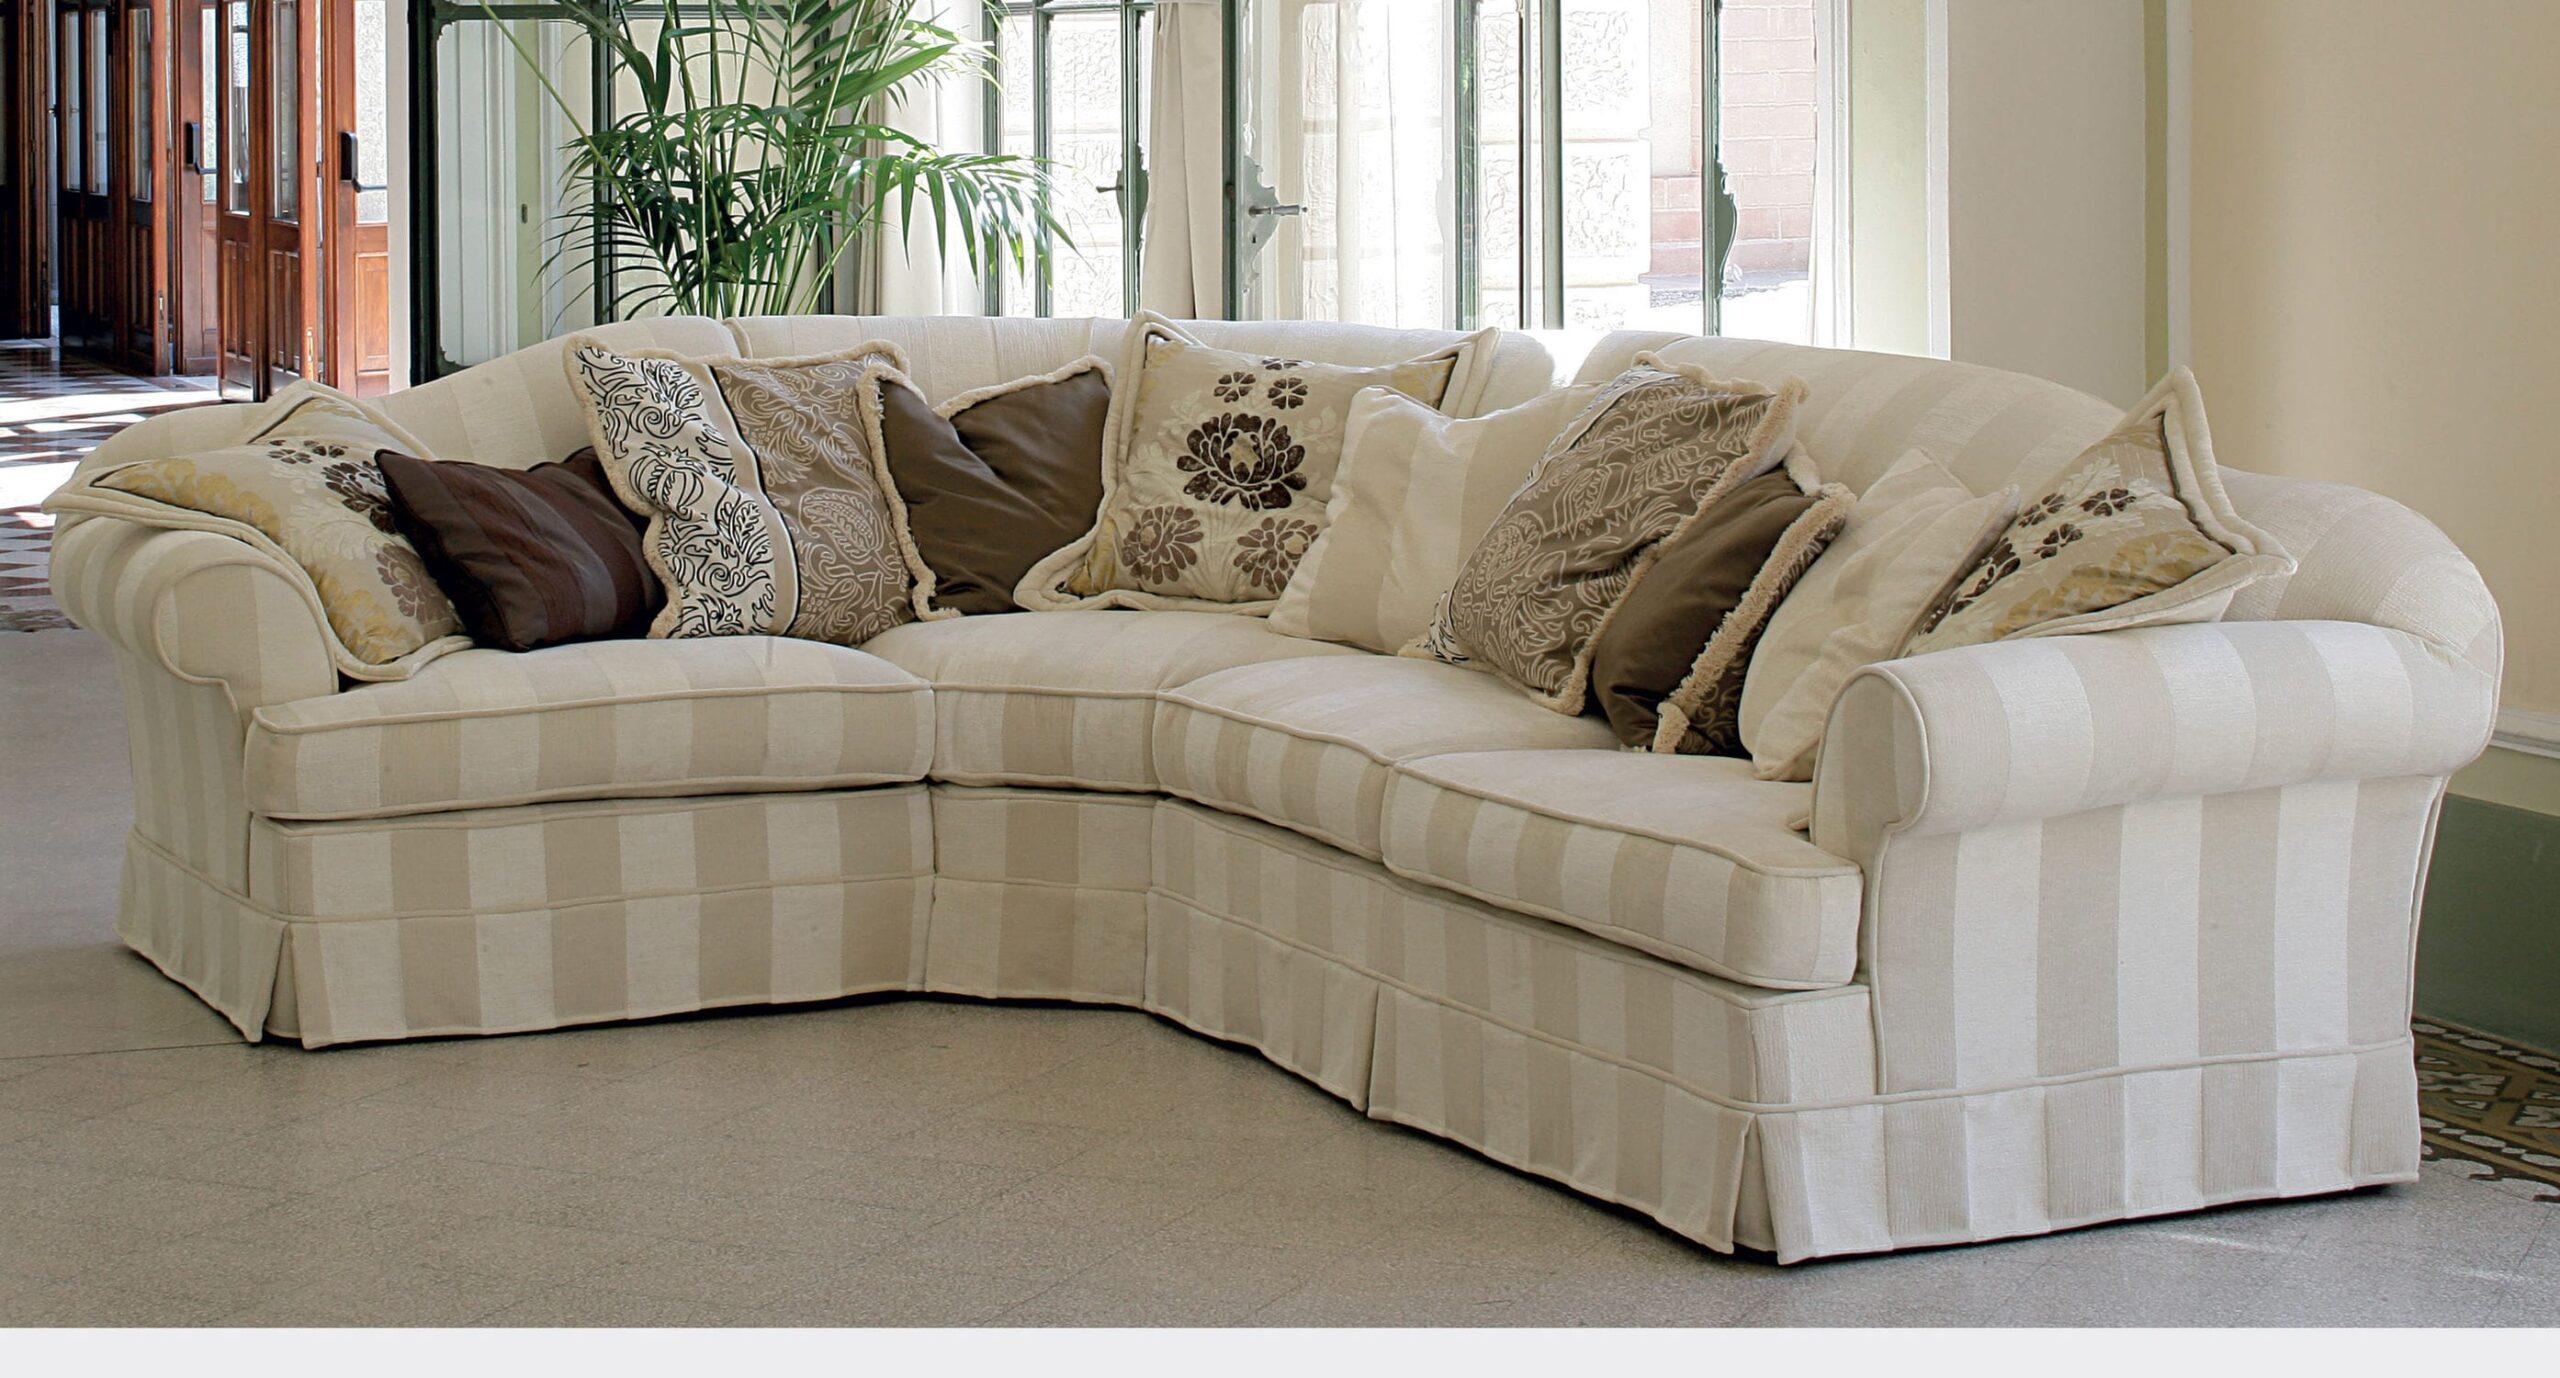 Full Size of Sofa Abnehmbarer Bezug Ecksofa Modern Stoff Mit Abnehmbarem Vittoriano Patchwork Langes Breit Kaufen Günstig Creme Halbrund Relaxfunktion Elektrisch Sofa Sofa Abnehmbarer Bezug